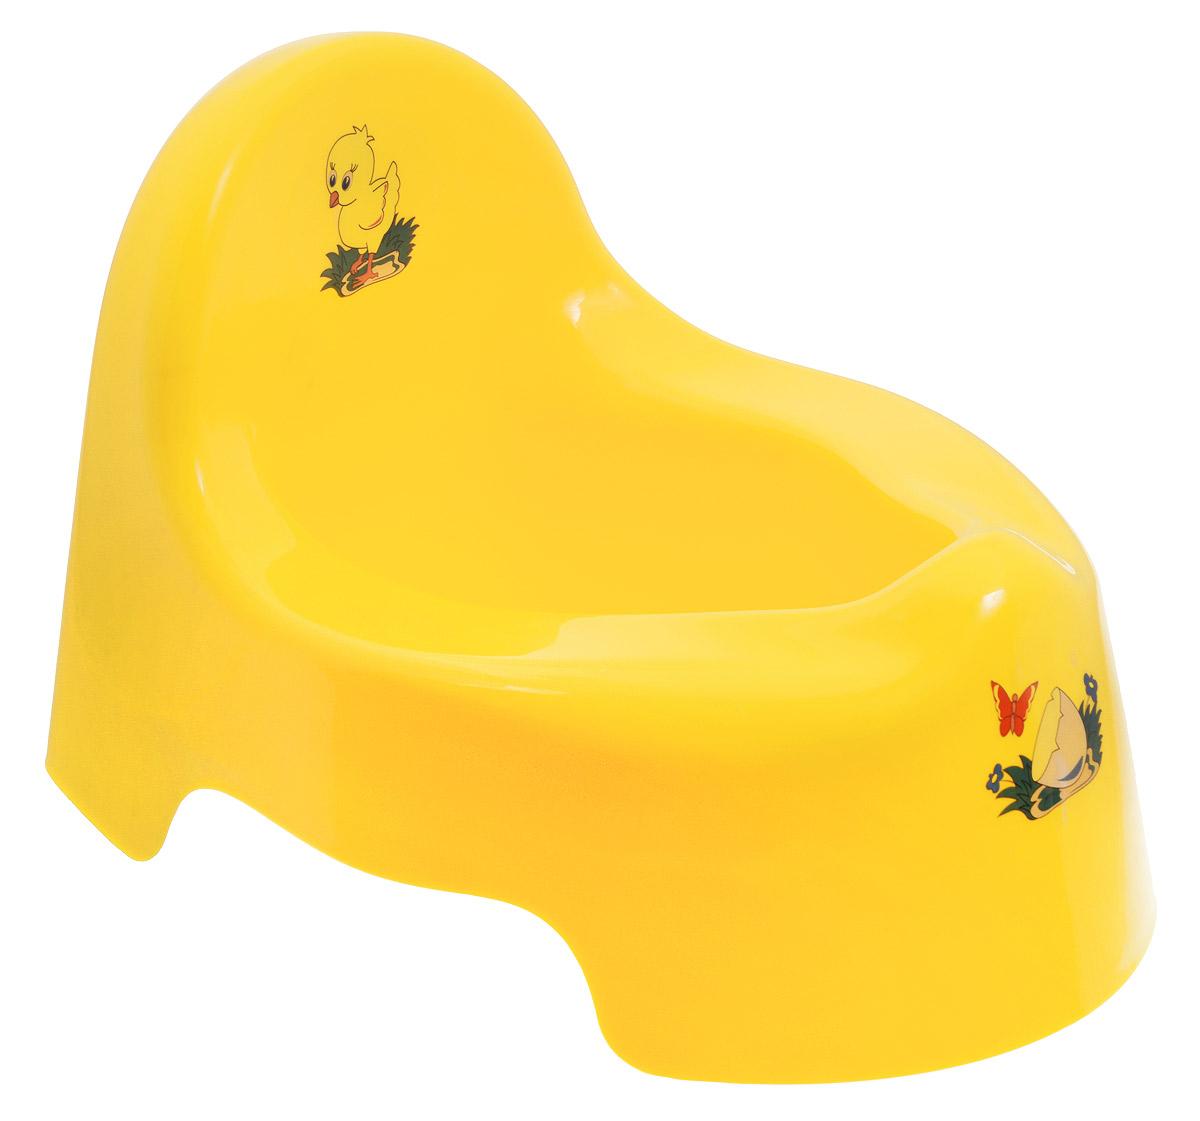 Idea Горшок детский цвет желтый